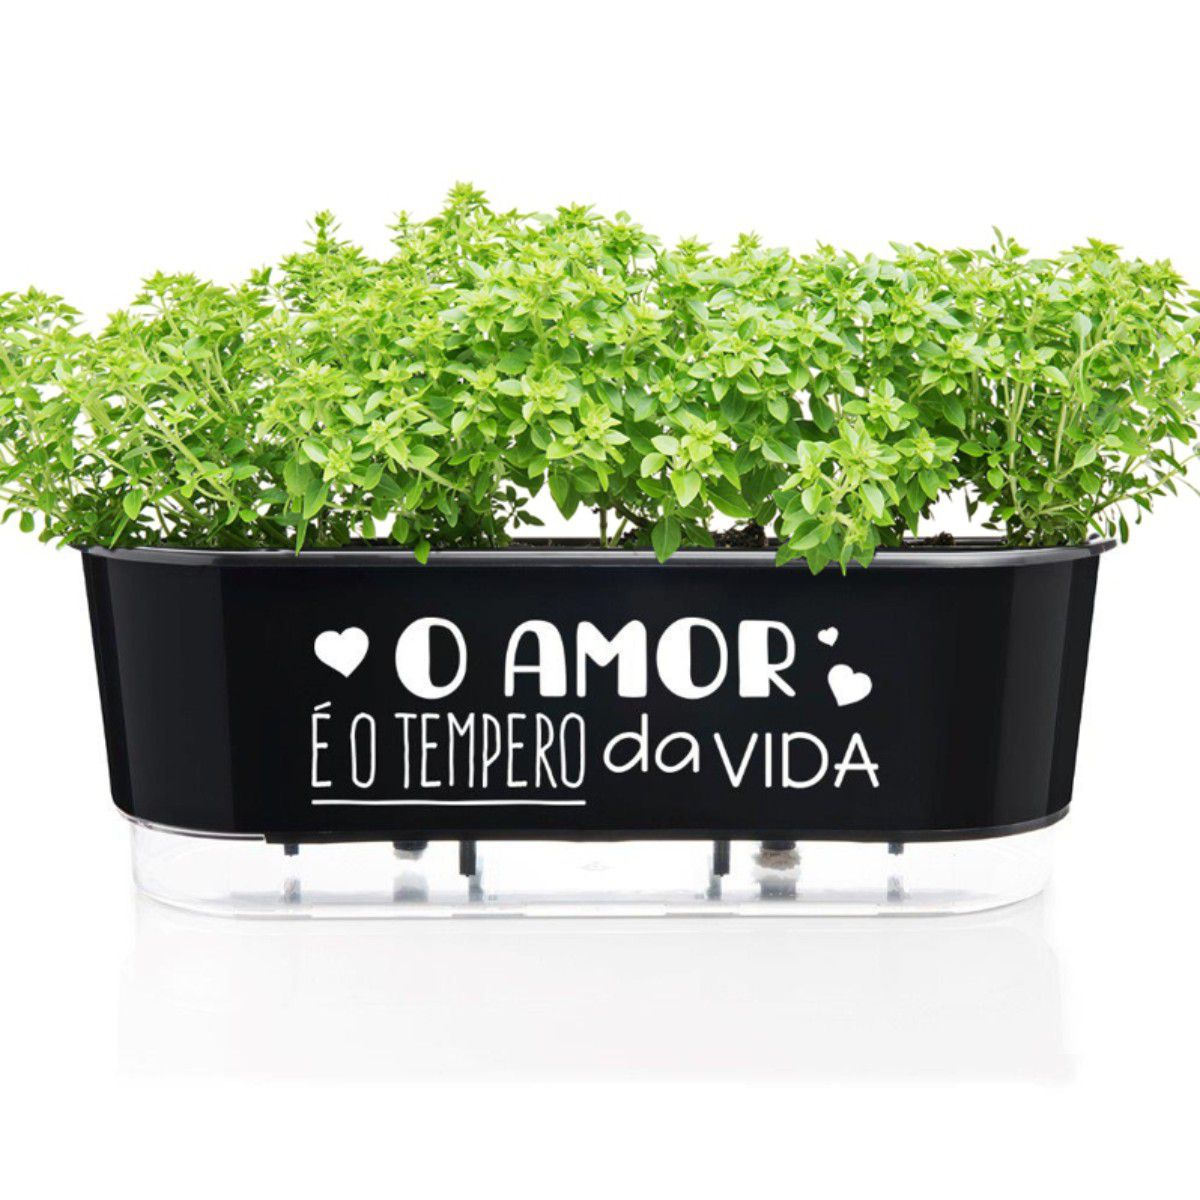 Jardineira Autoirrigável O Amor é o Tempero da Vida 40 cm Preto  - Vasos Raiz Loja Oficial